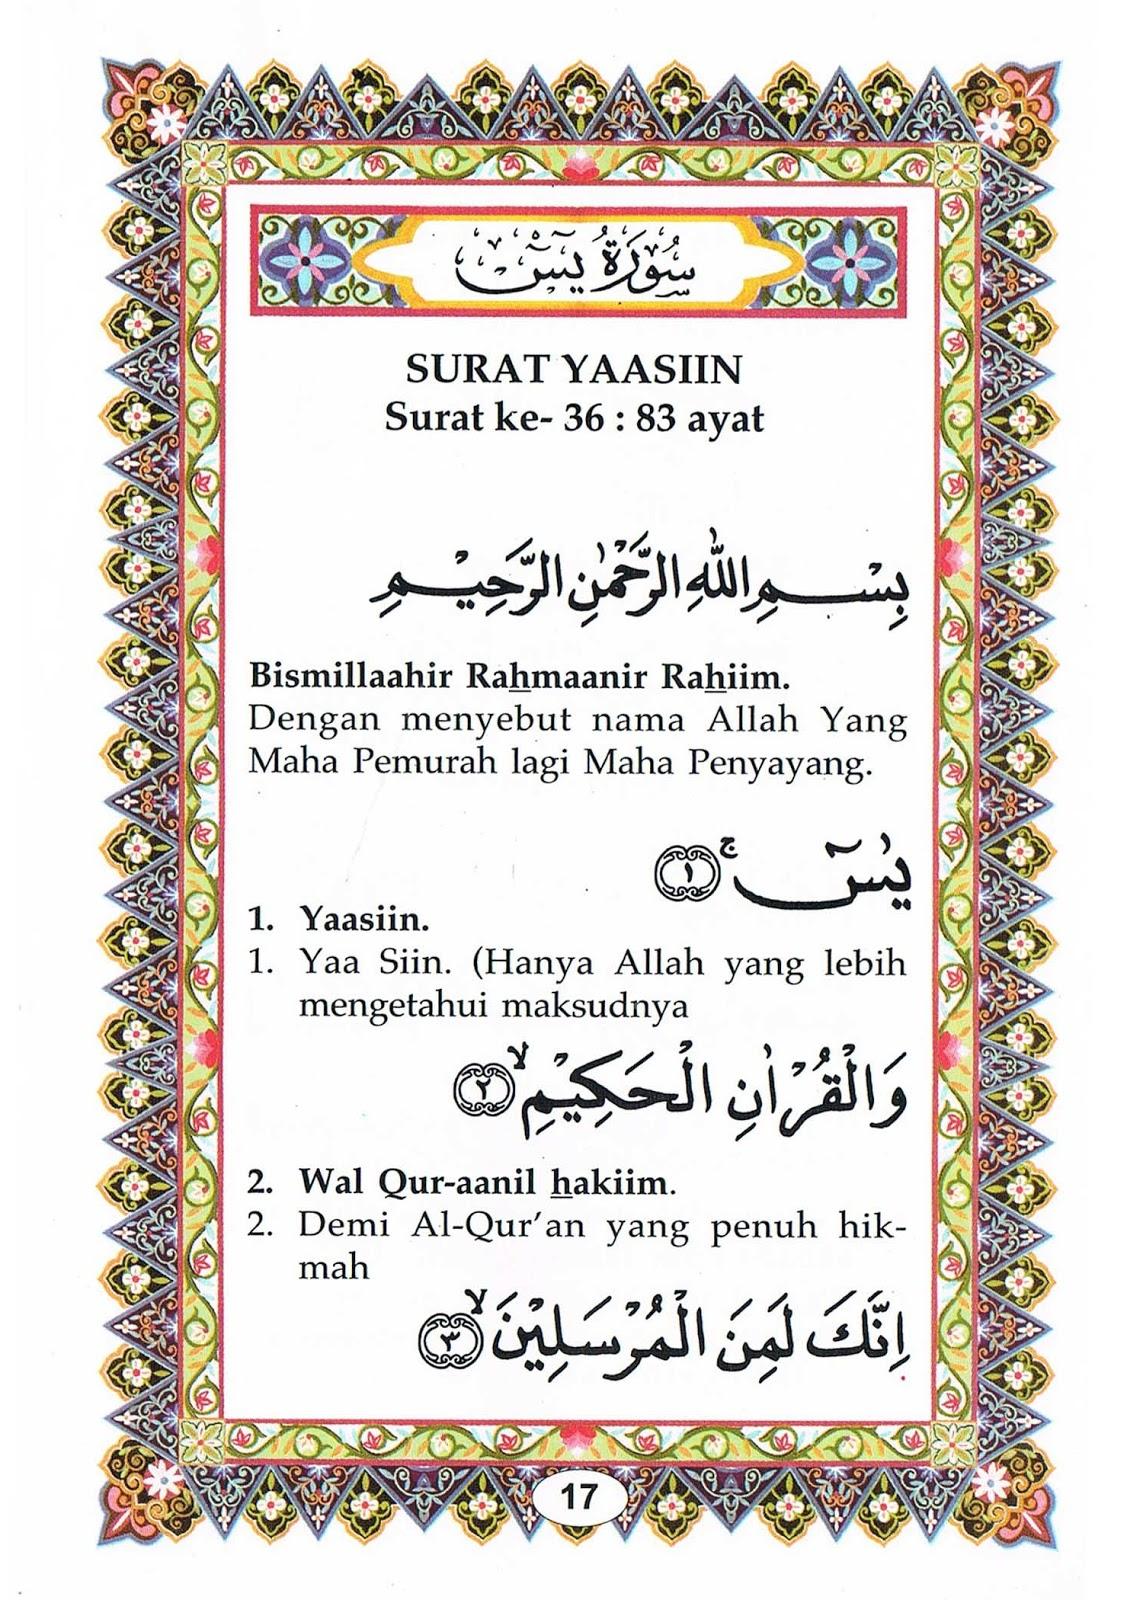 Download Isi Buku Yasin Dan Tahlil Cdr : download, yasin, tahlil, Download, Yasin, Tahlil